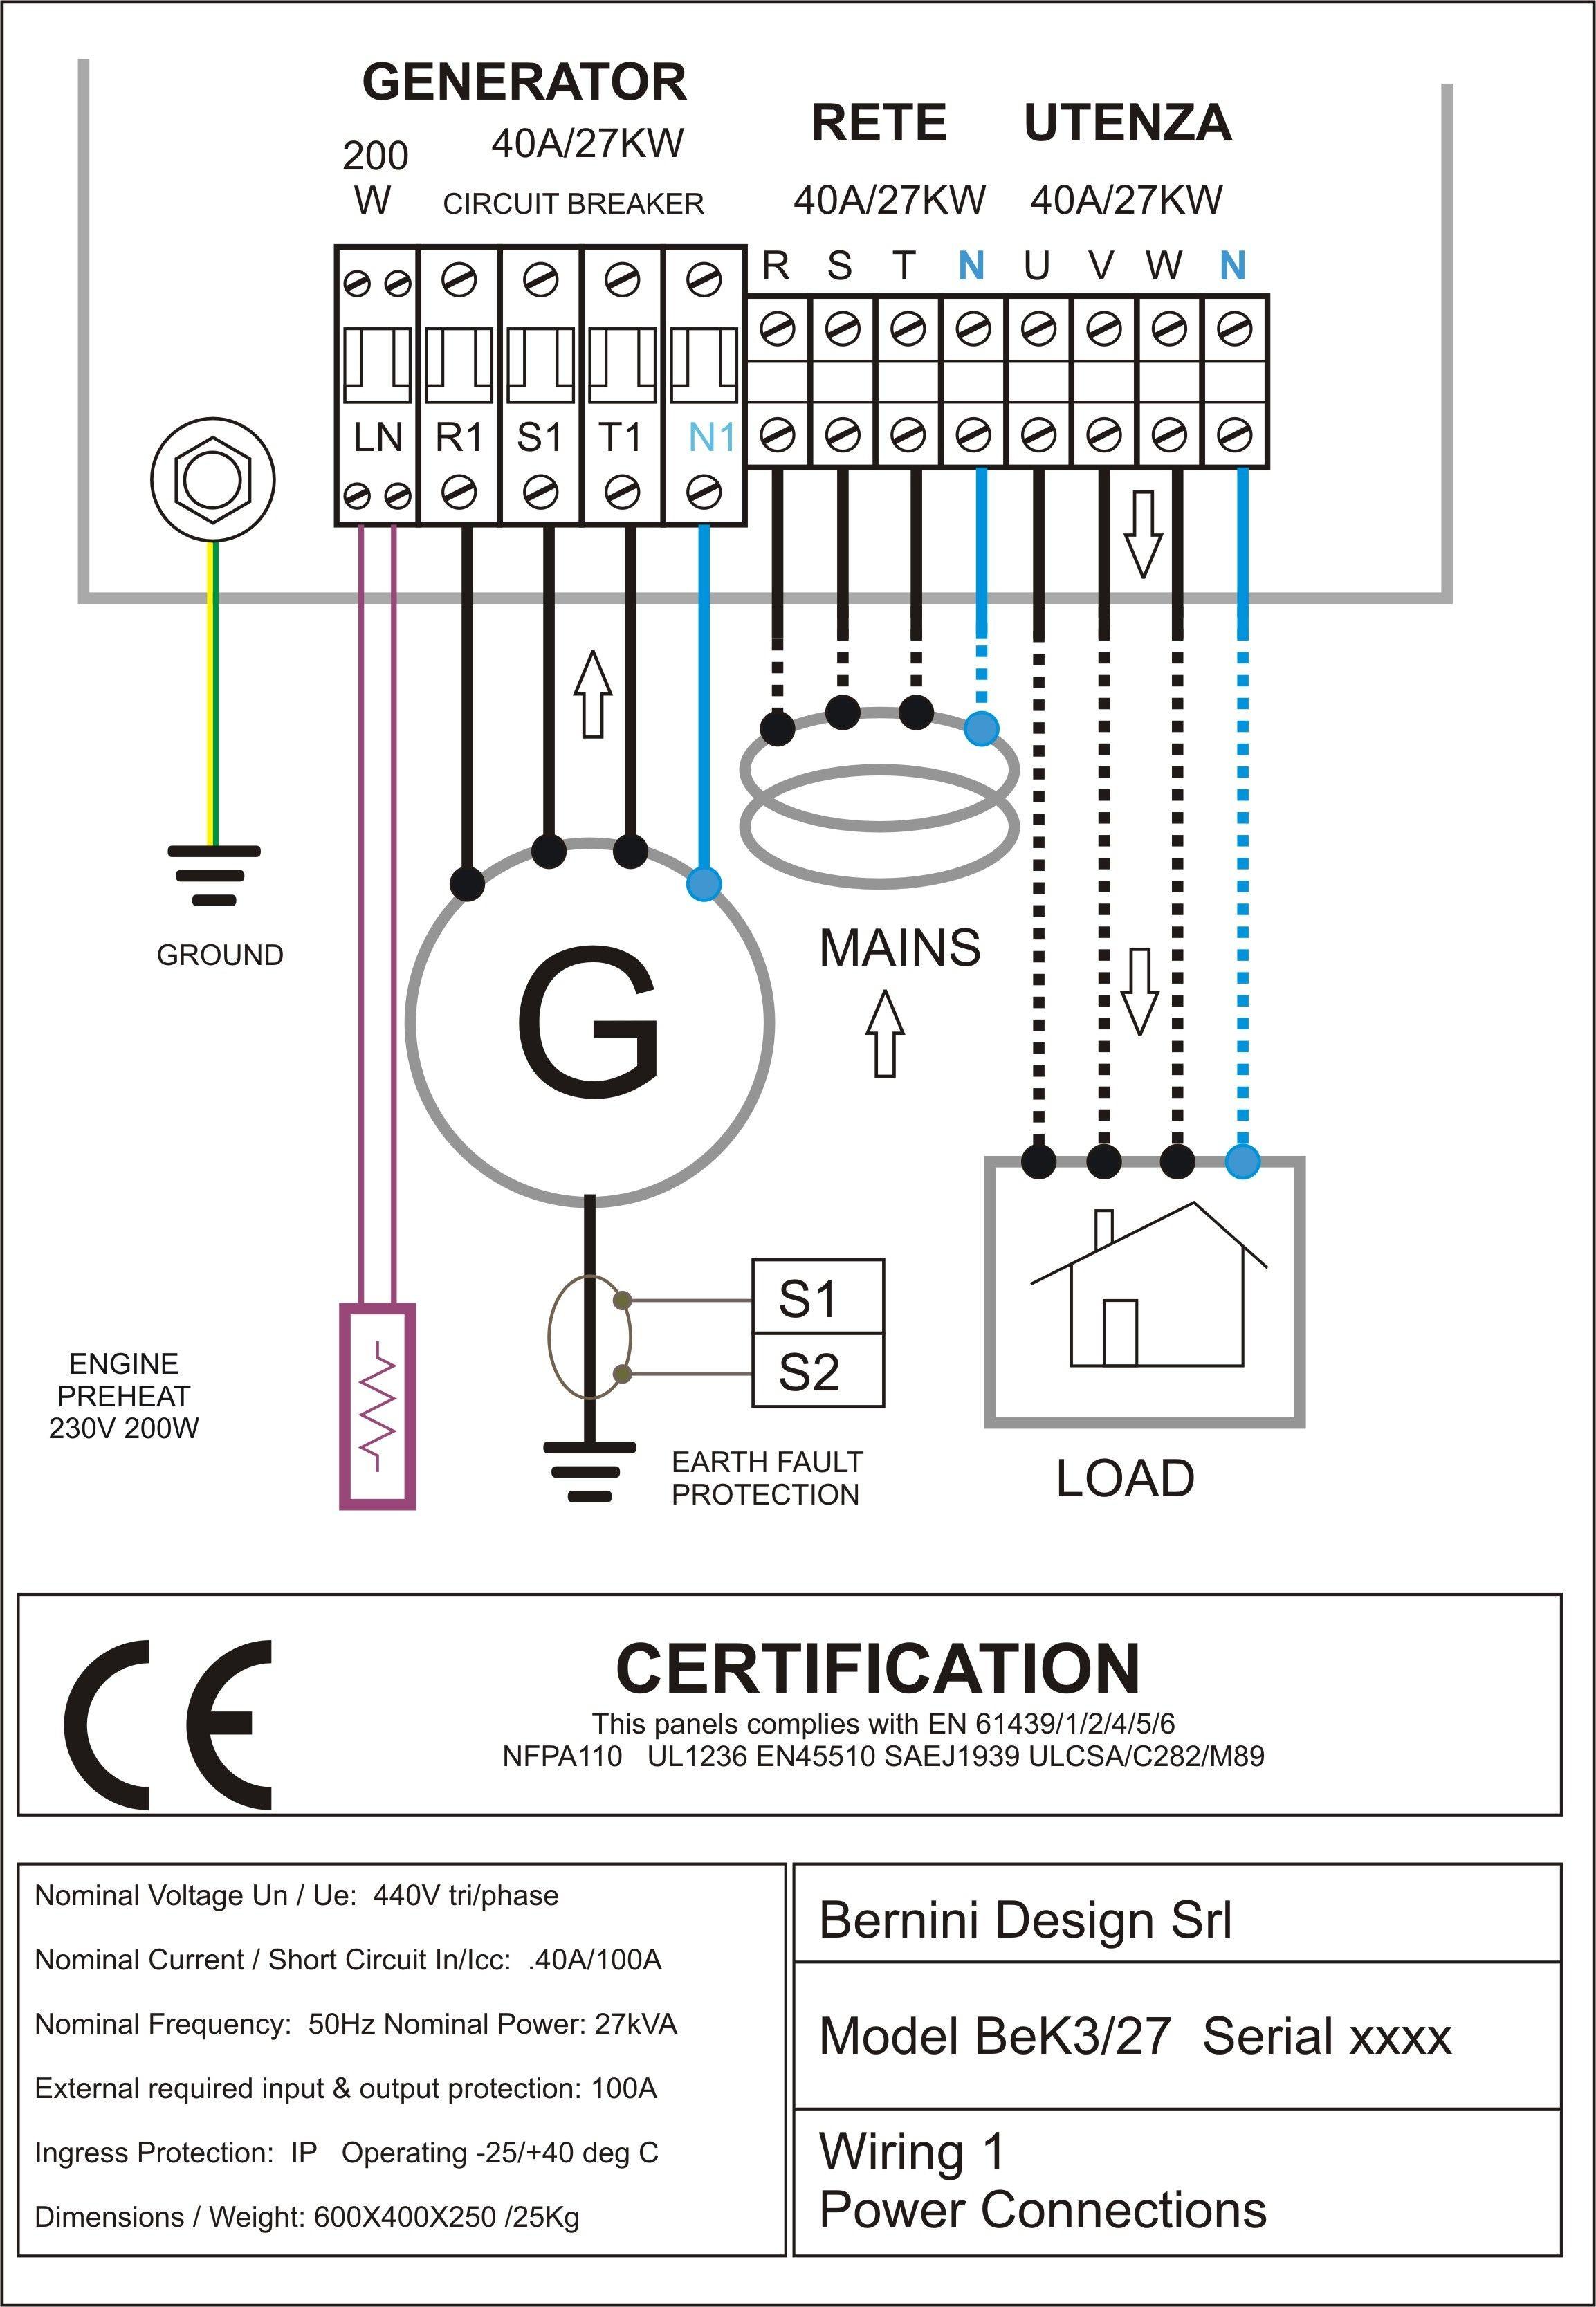 Air Brakes Diagram Sel Generator Control Panel Wiring Diagram Ac Connections Of Air Brakes Diagram